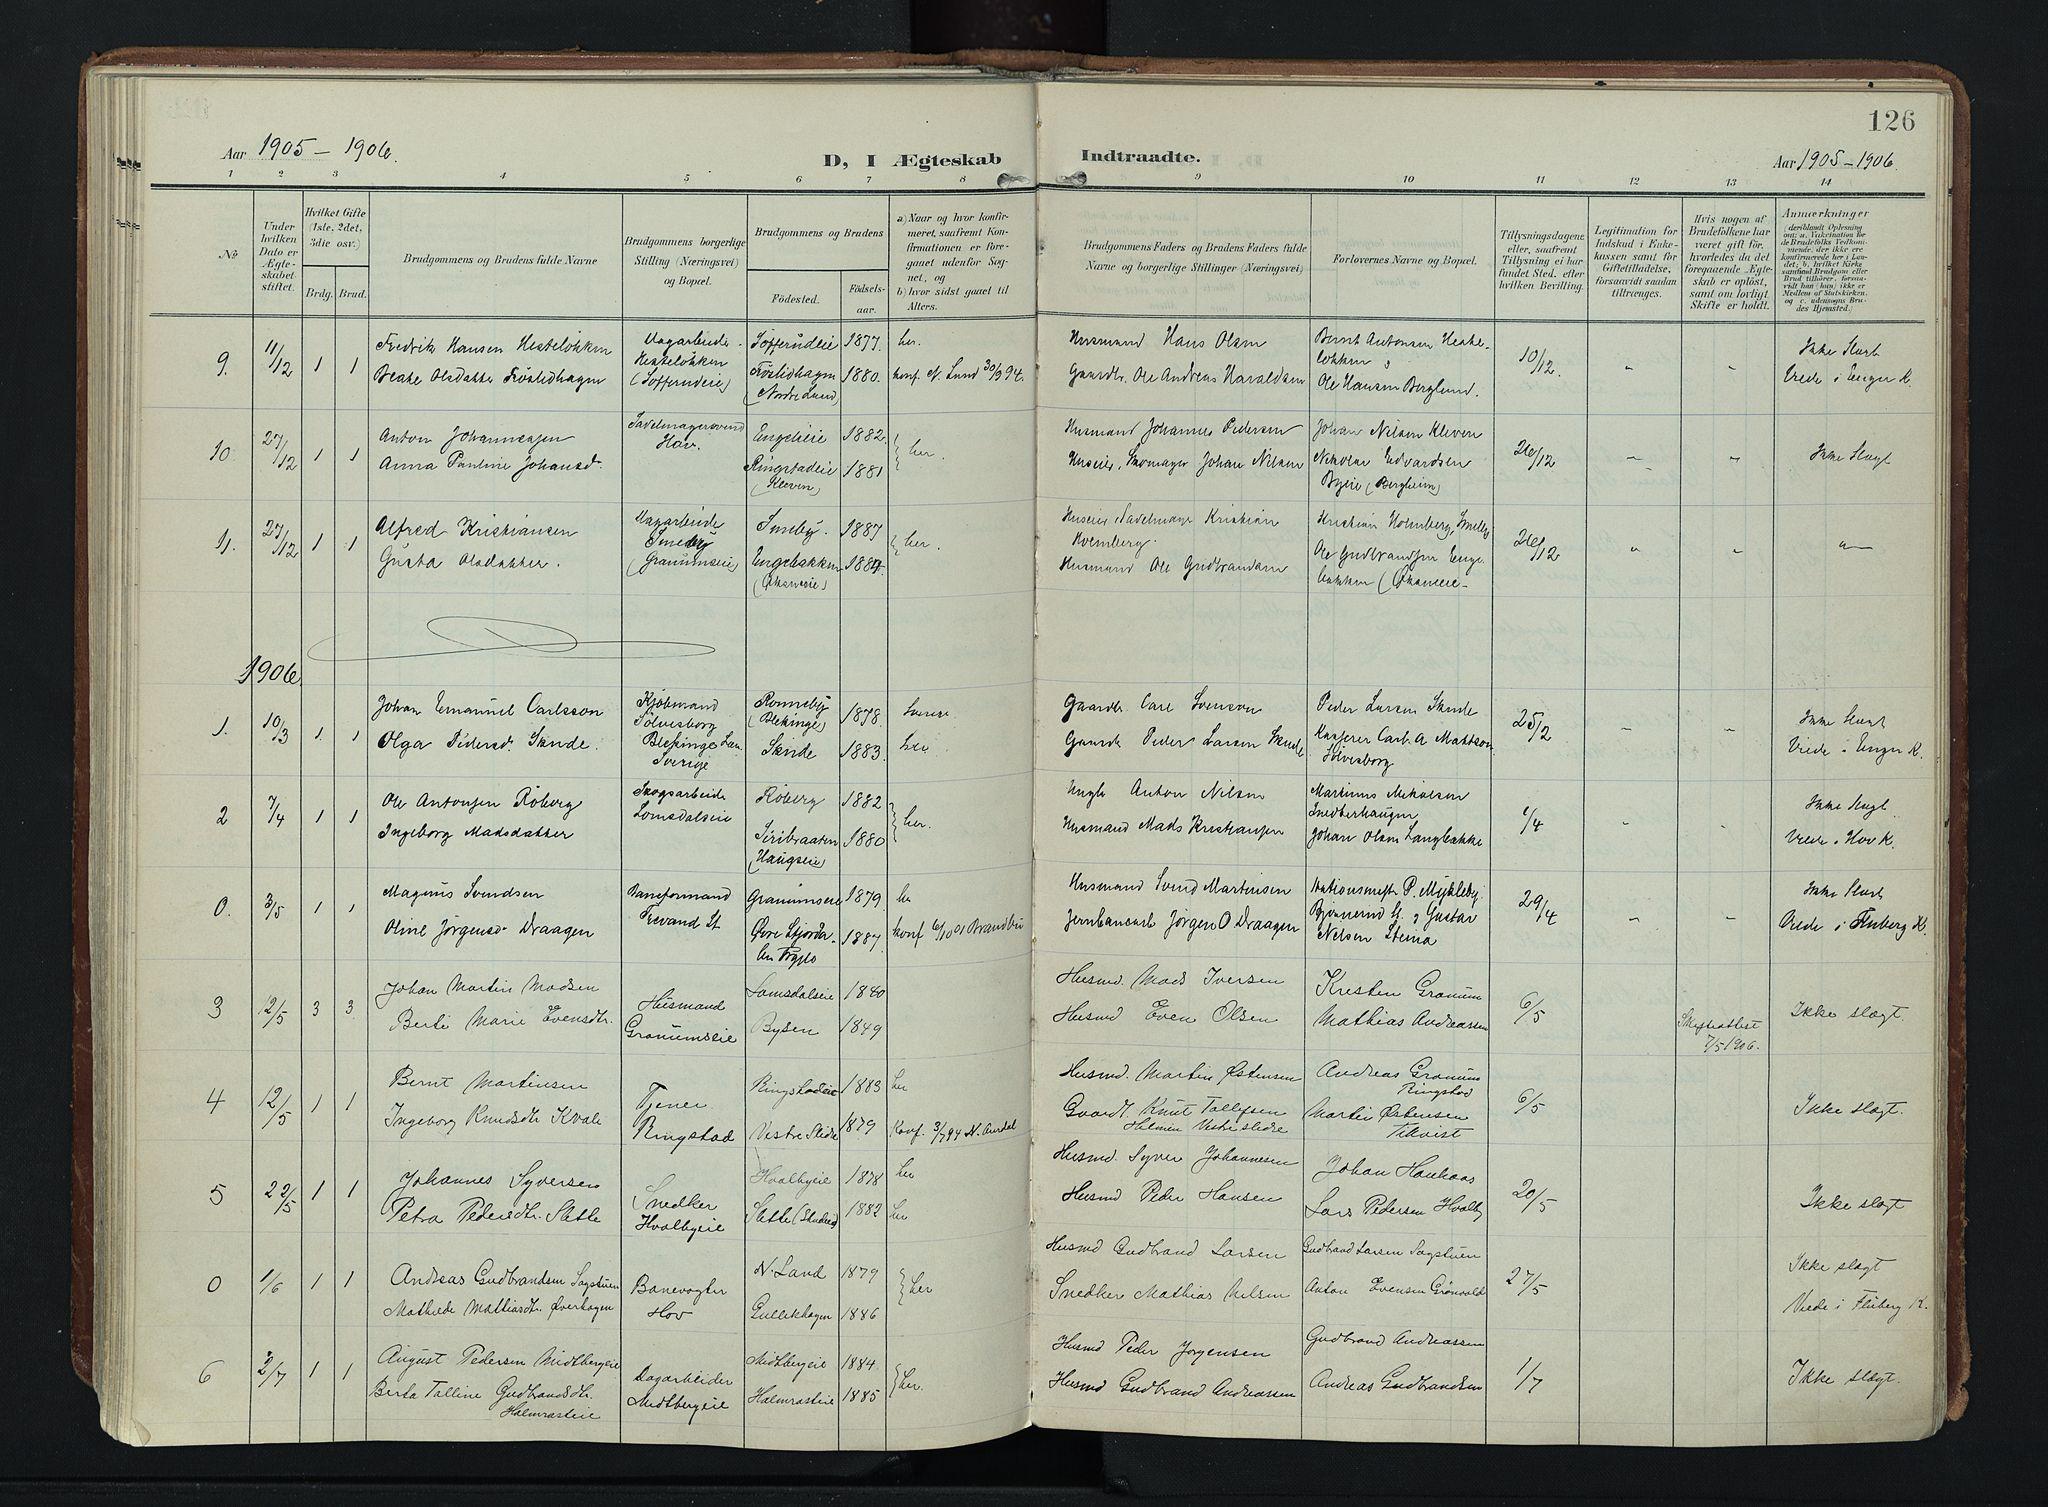 SAH, Søndre Land prestekontor, K/L0007: Ministerialbok nr. 7, 1905-1914, s. 126